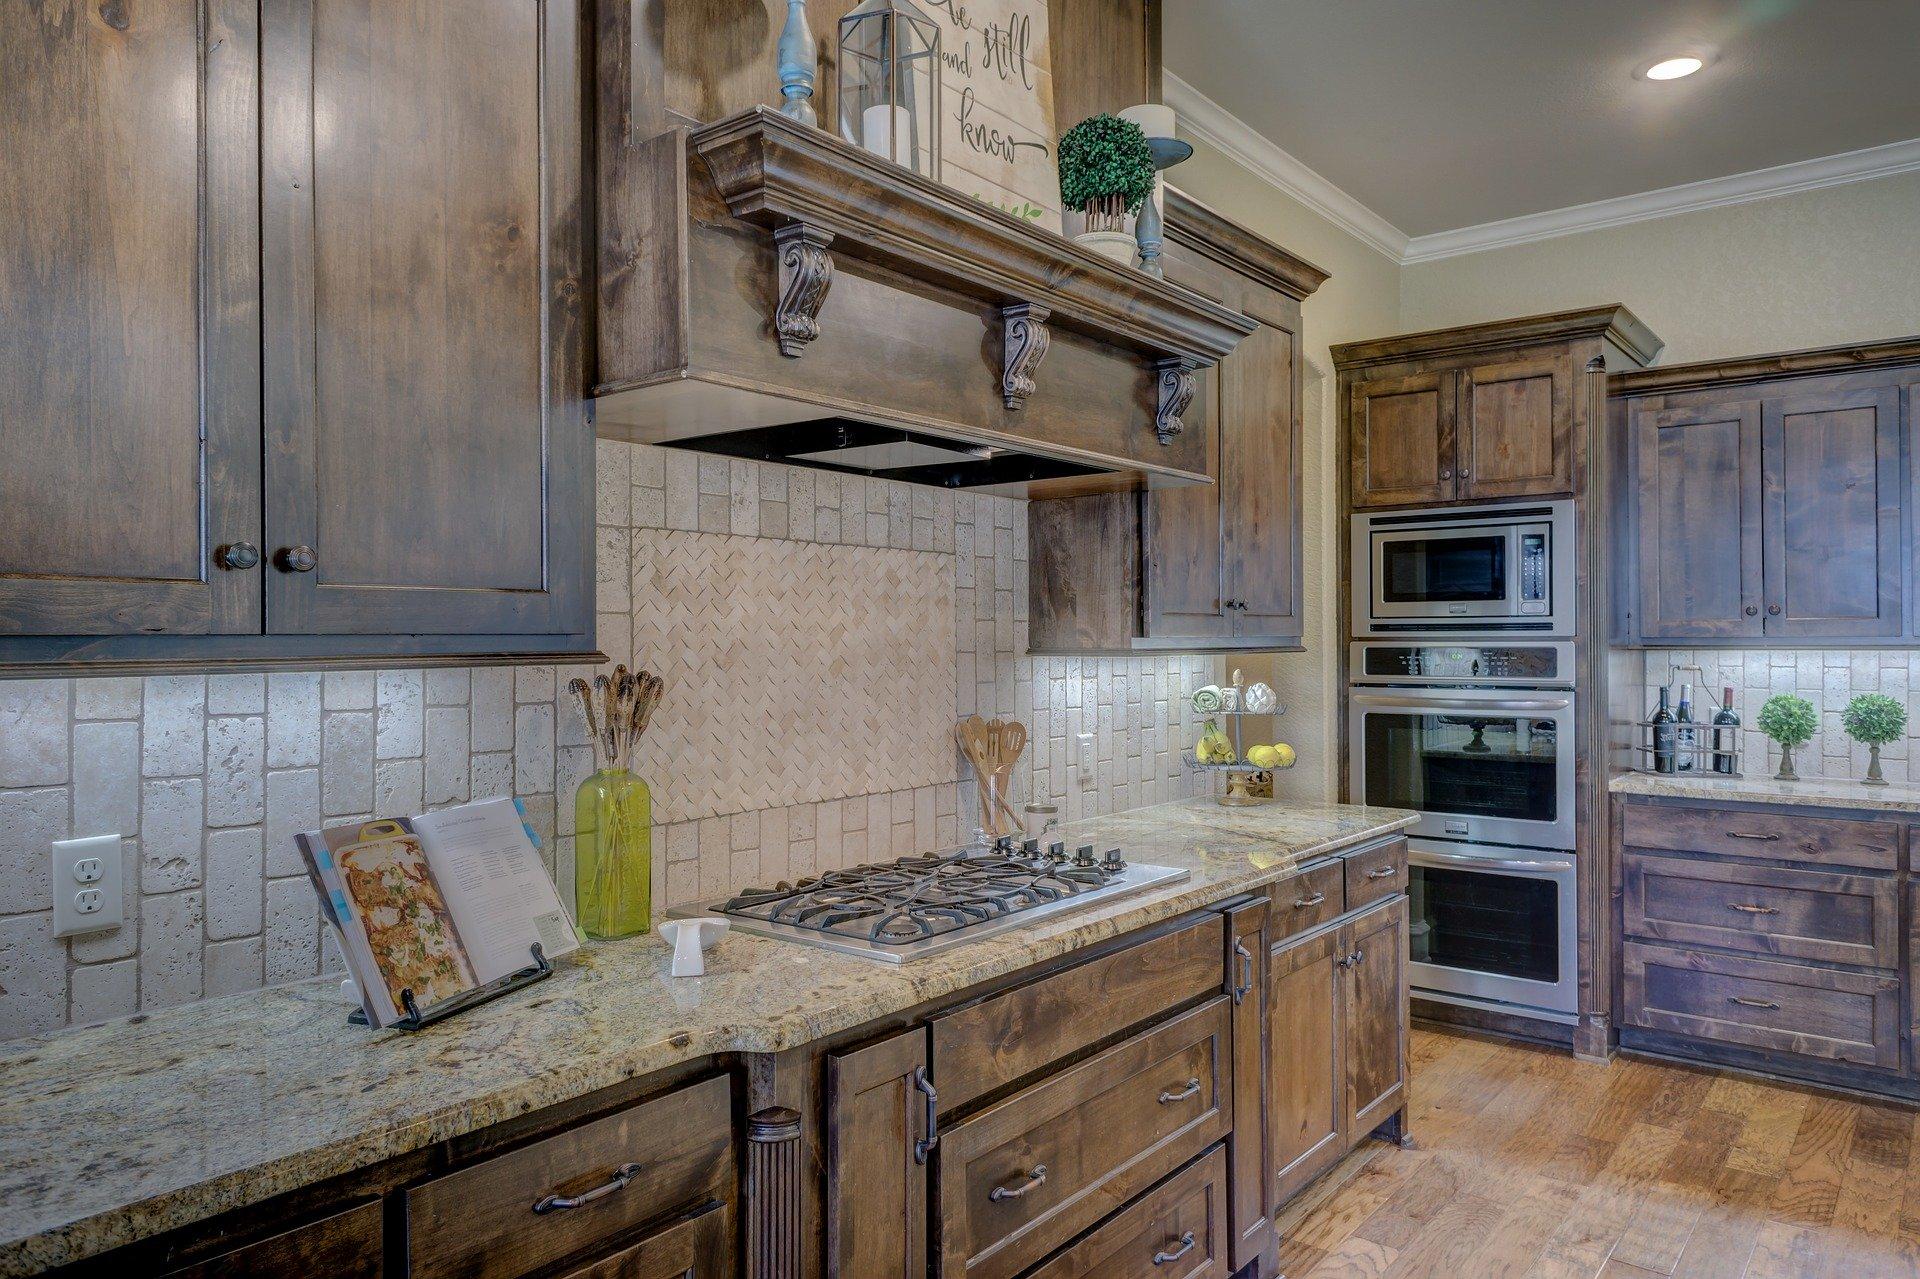 kitchen 2046728 1920